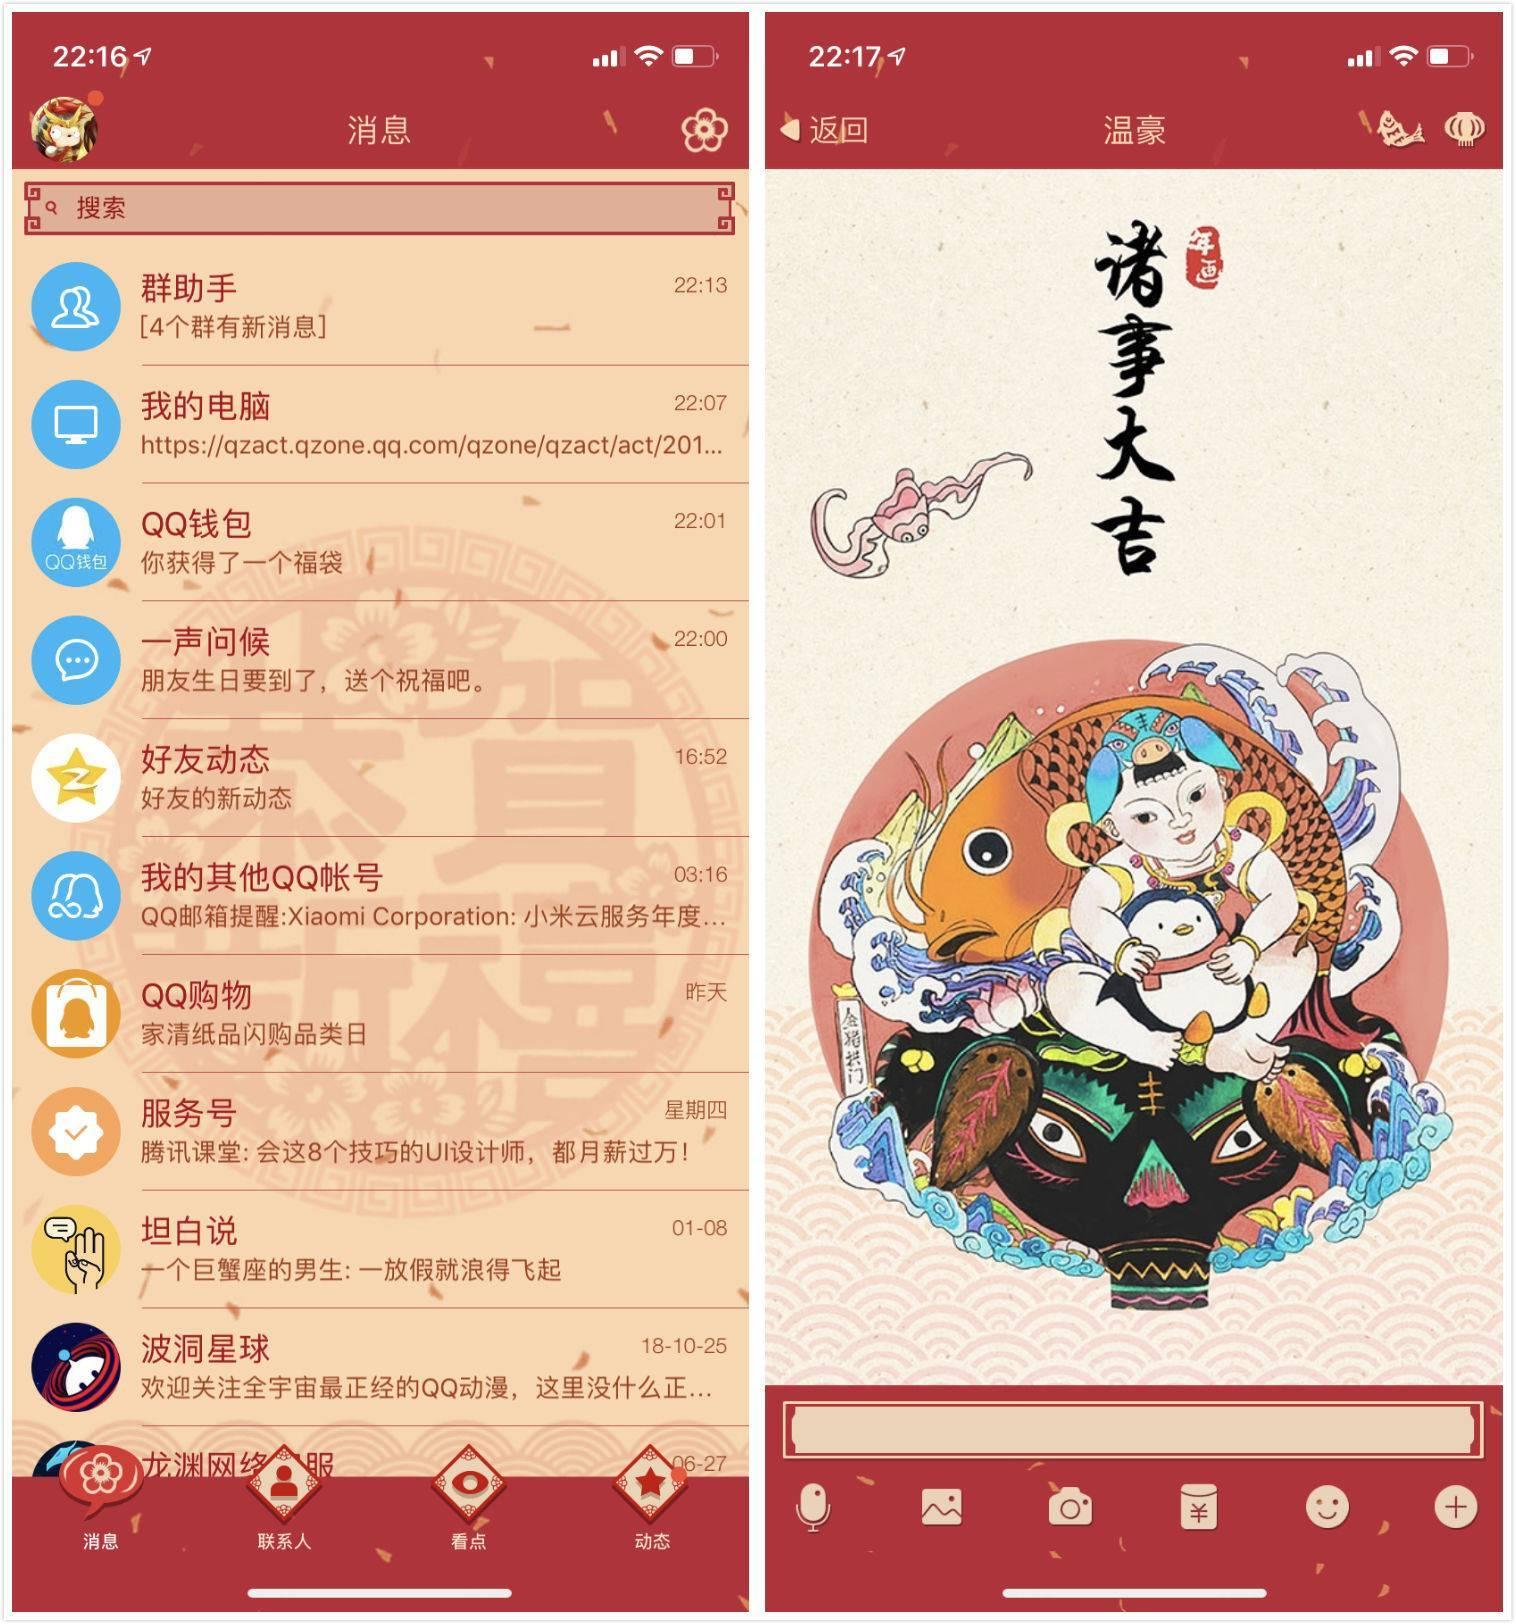 春节玩法上线 腾讯QQ推出三款新年特色小游戏